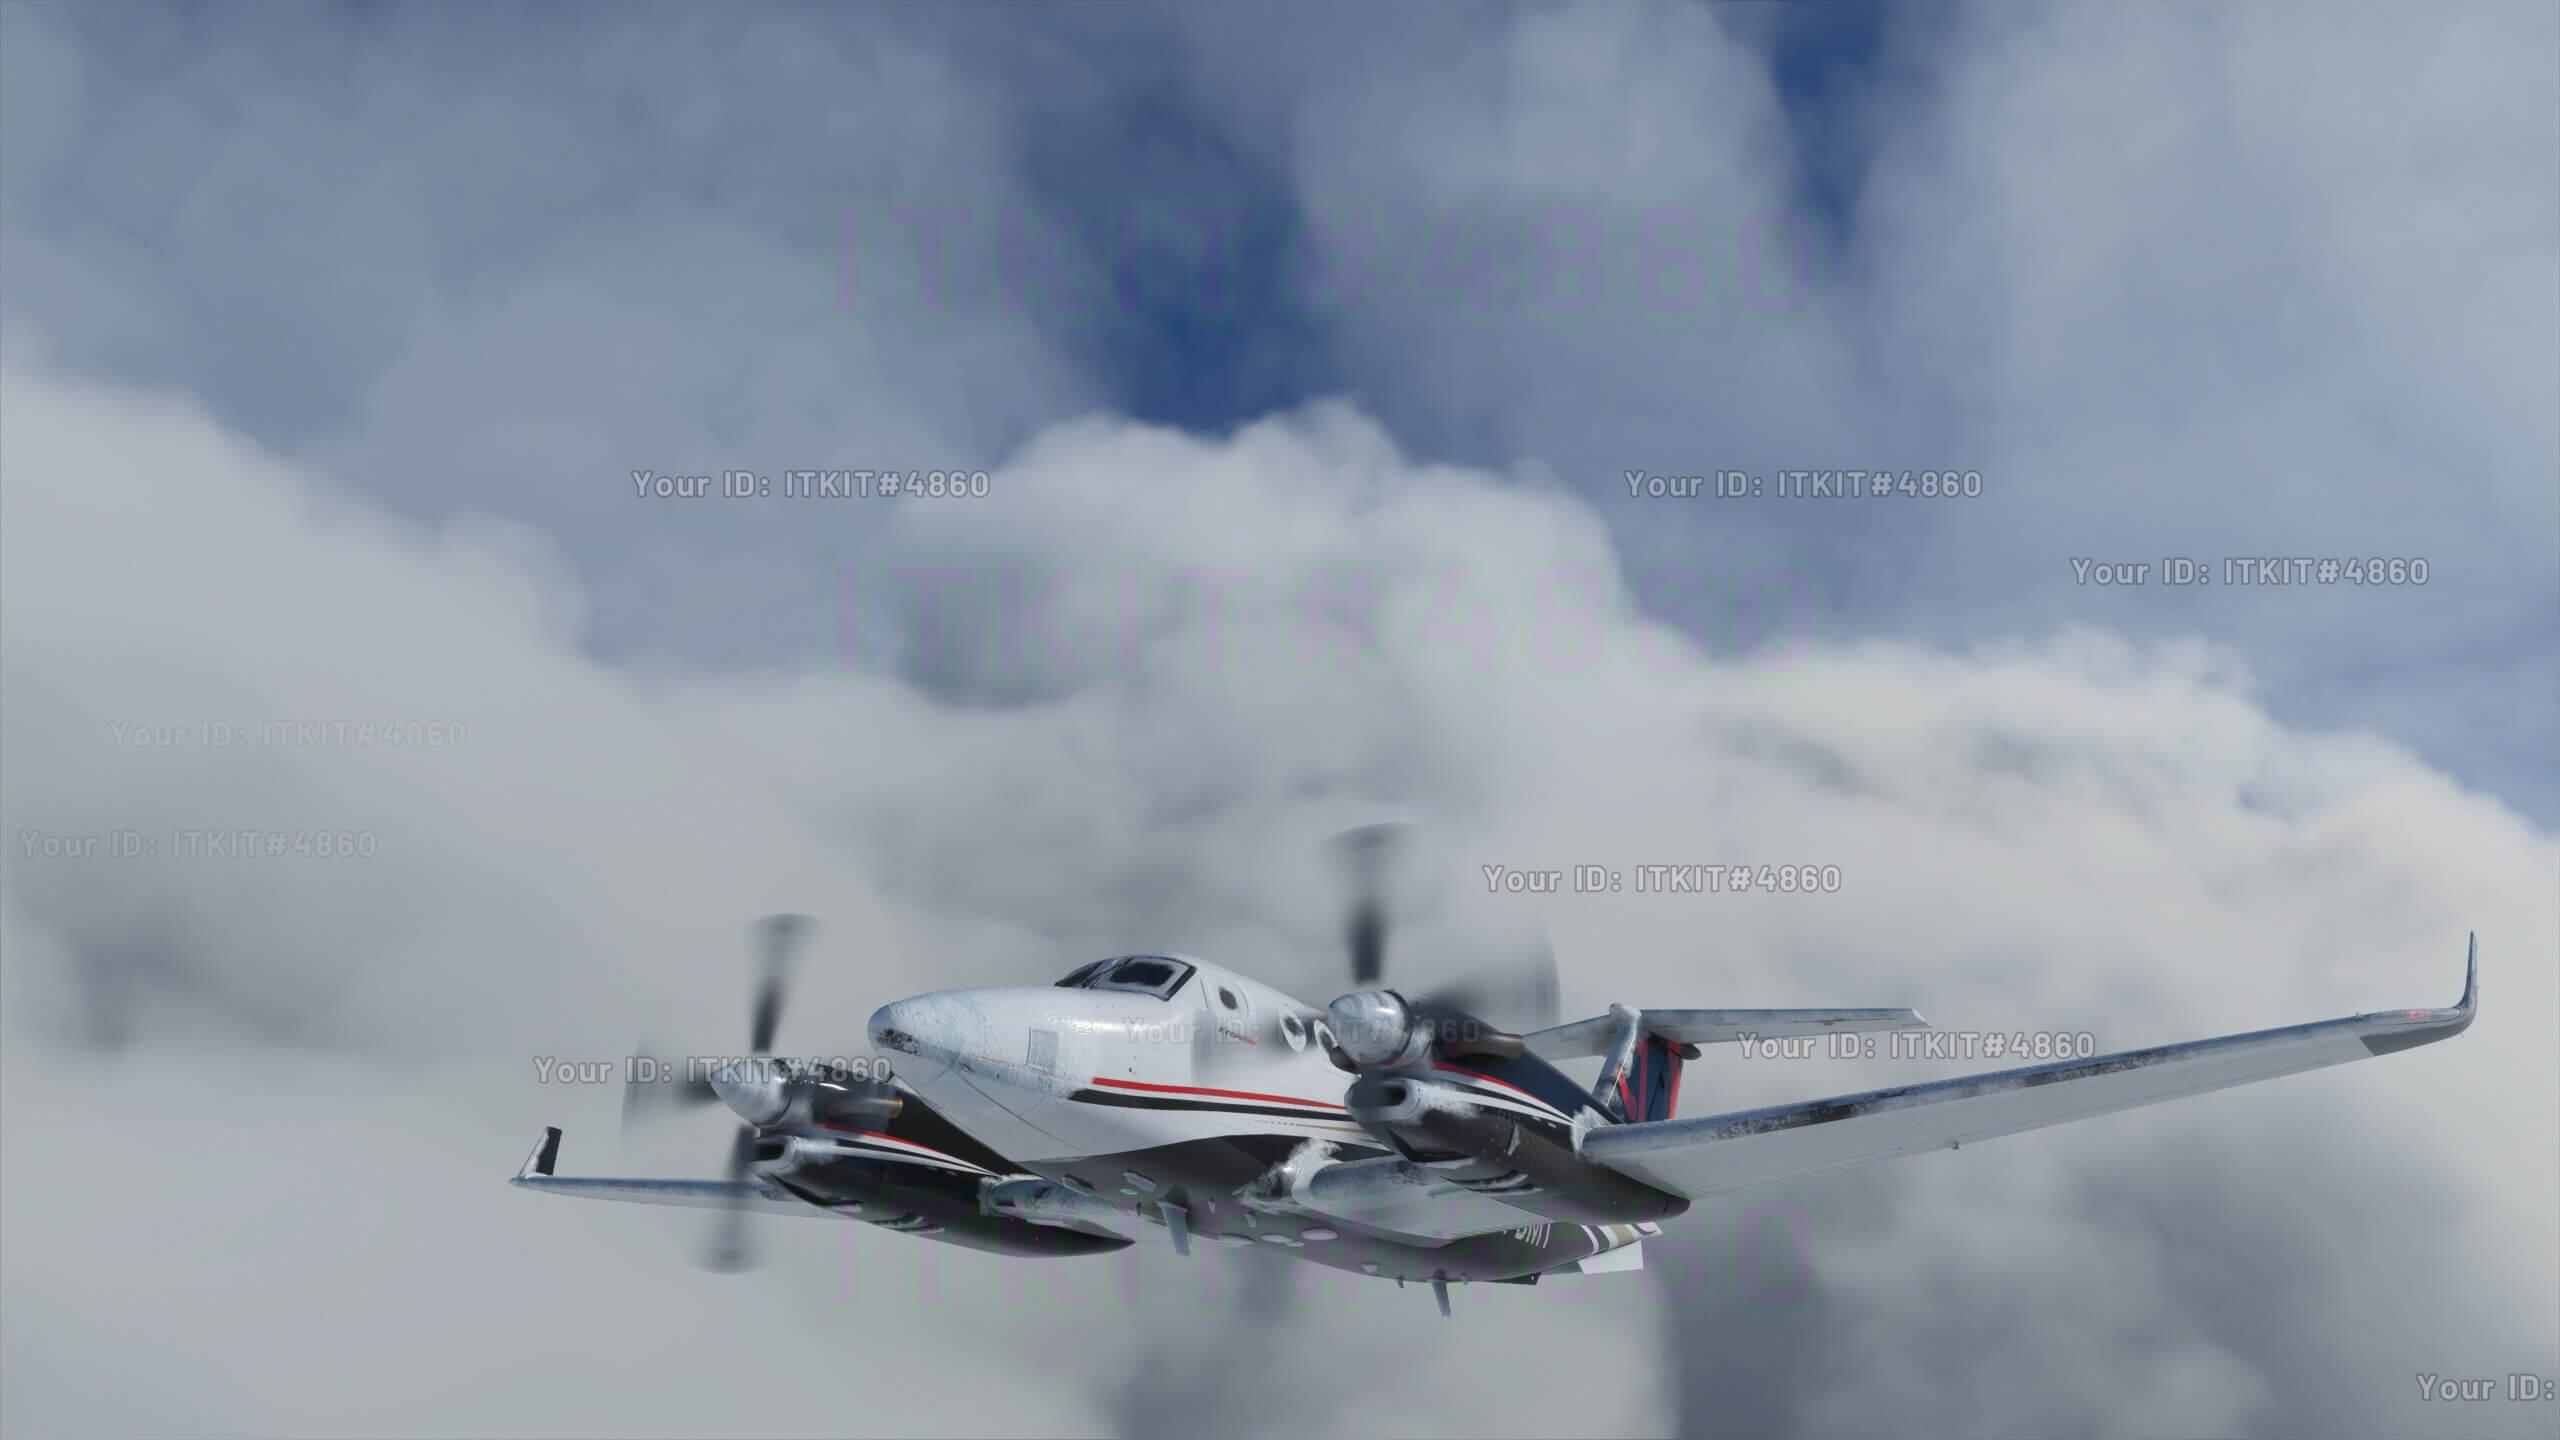 FlightSimulator_2020_08_06_17_44_49_390-